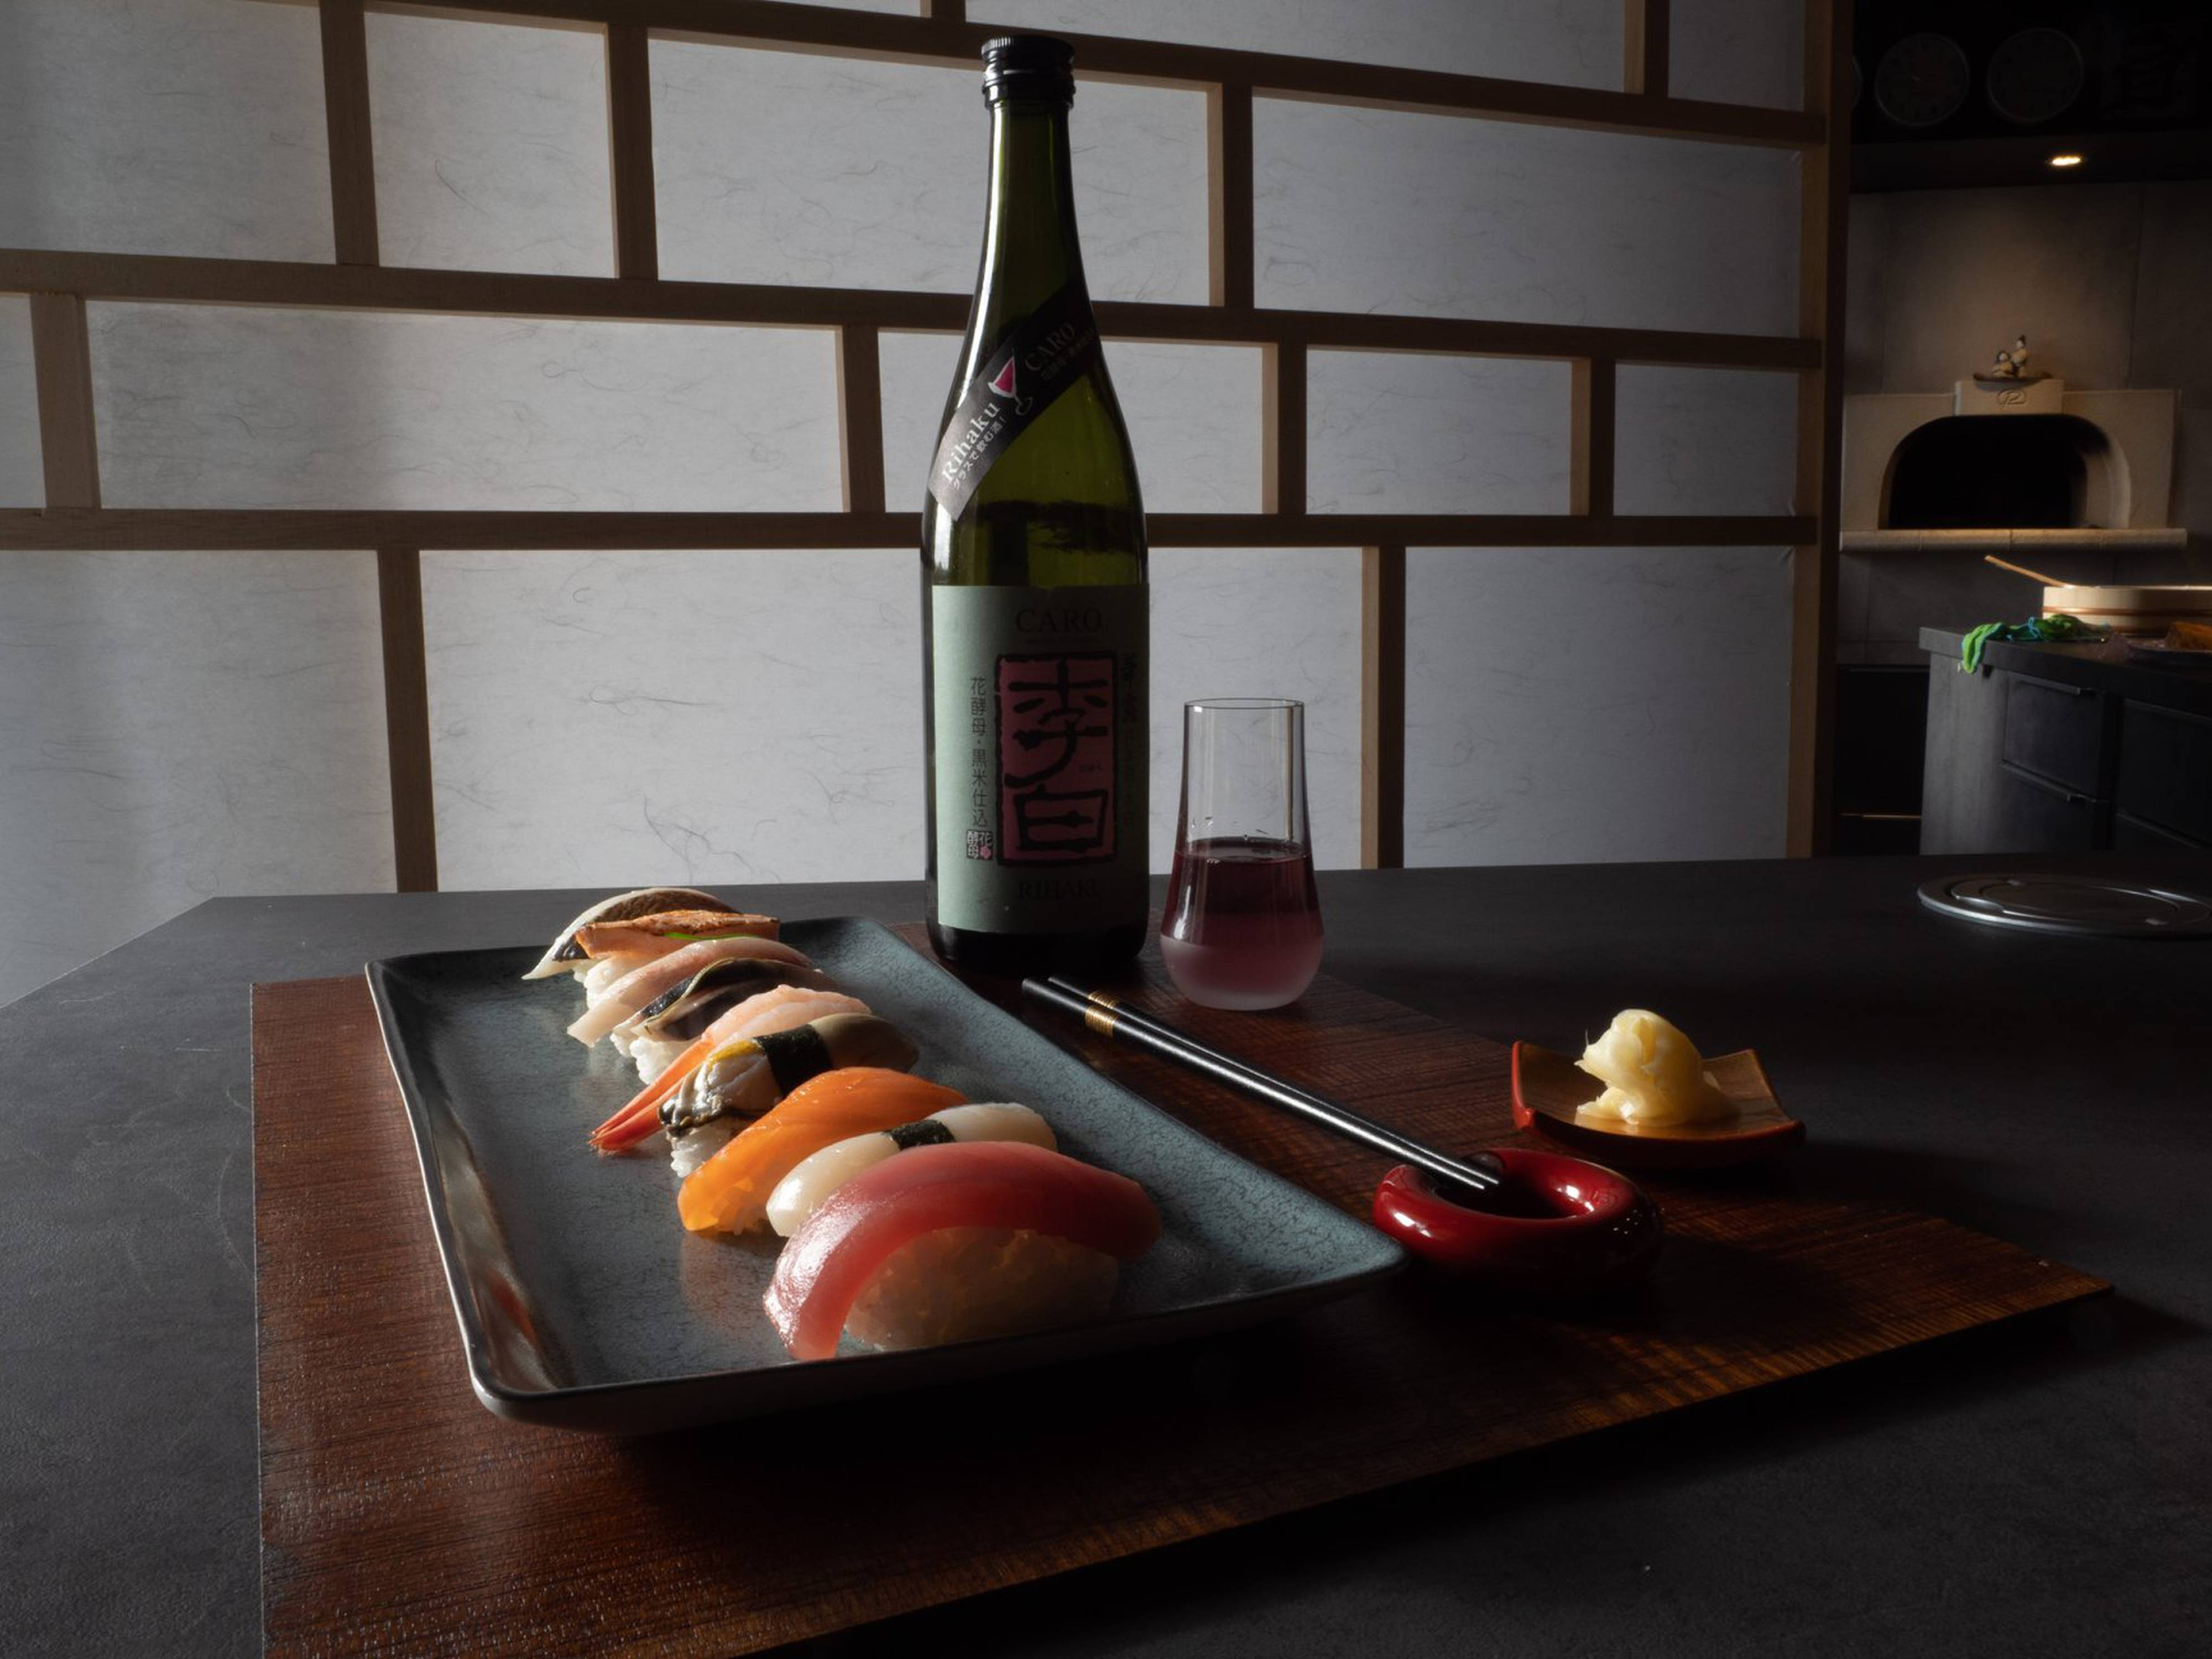 Umia école cuisine japonnaire Tain l'Hermitage